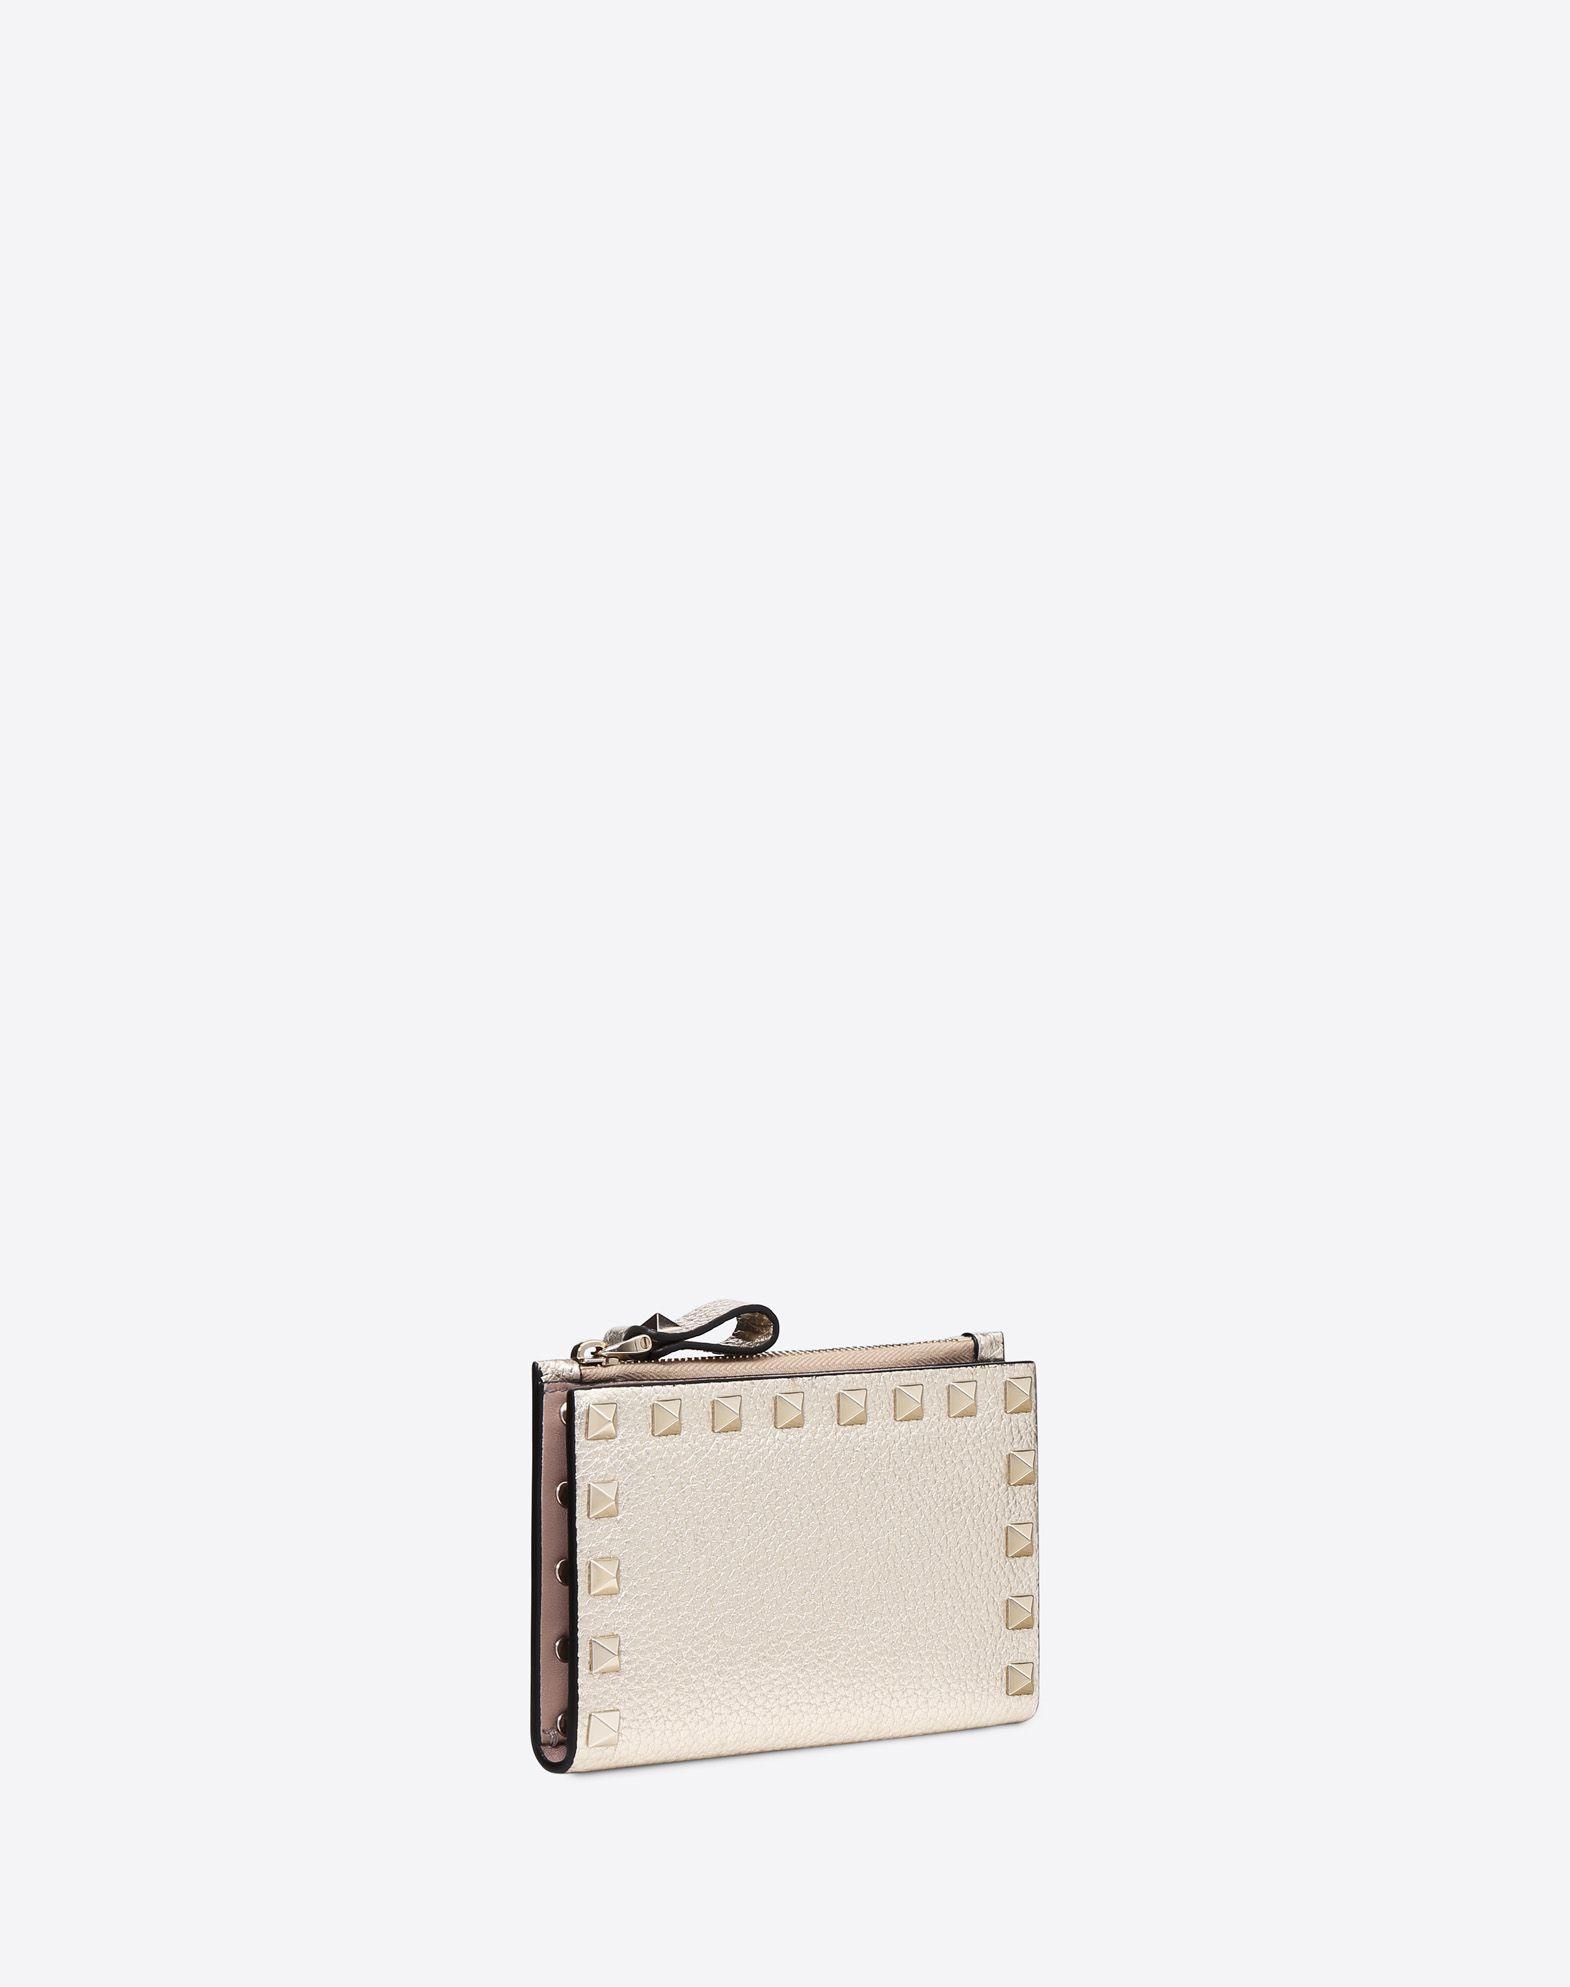 VALENTINO GARAVANI Rockstud Coin Purse and Card Case  COIN PURSES & CARD CASES D r